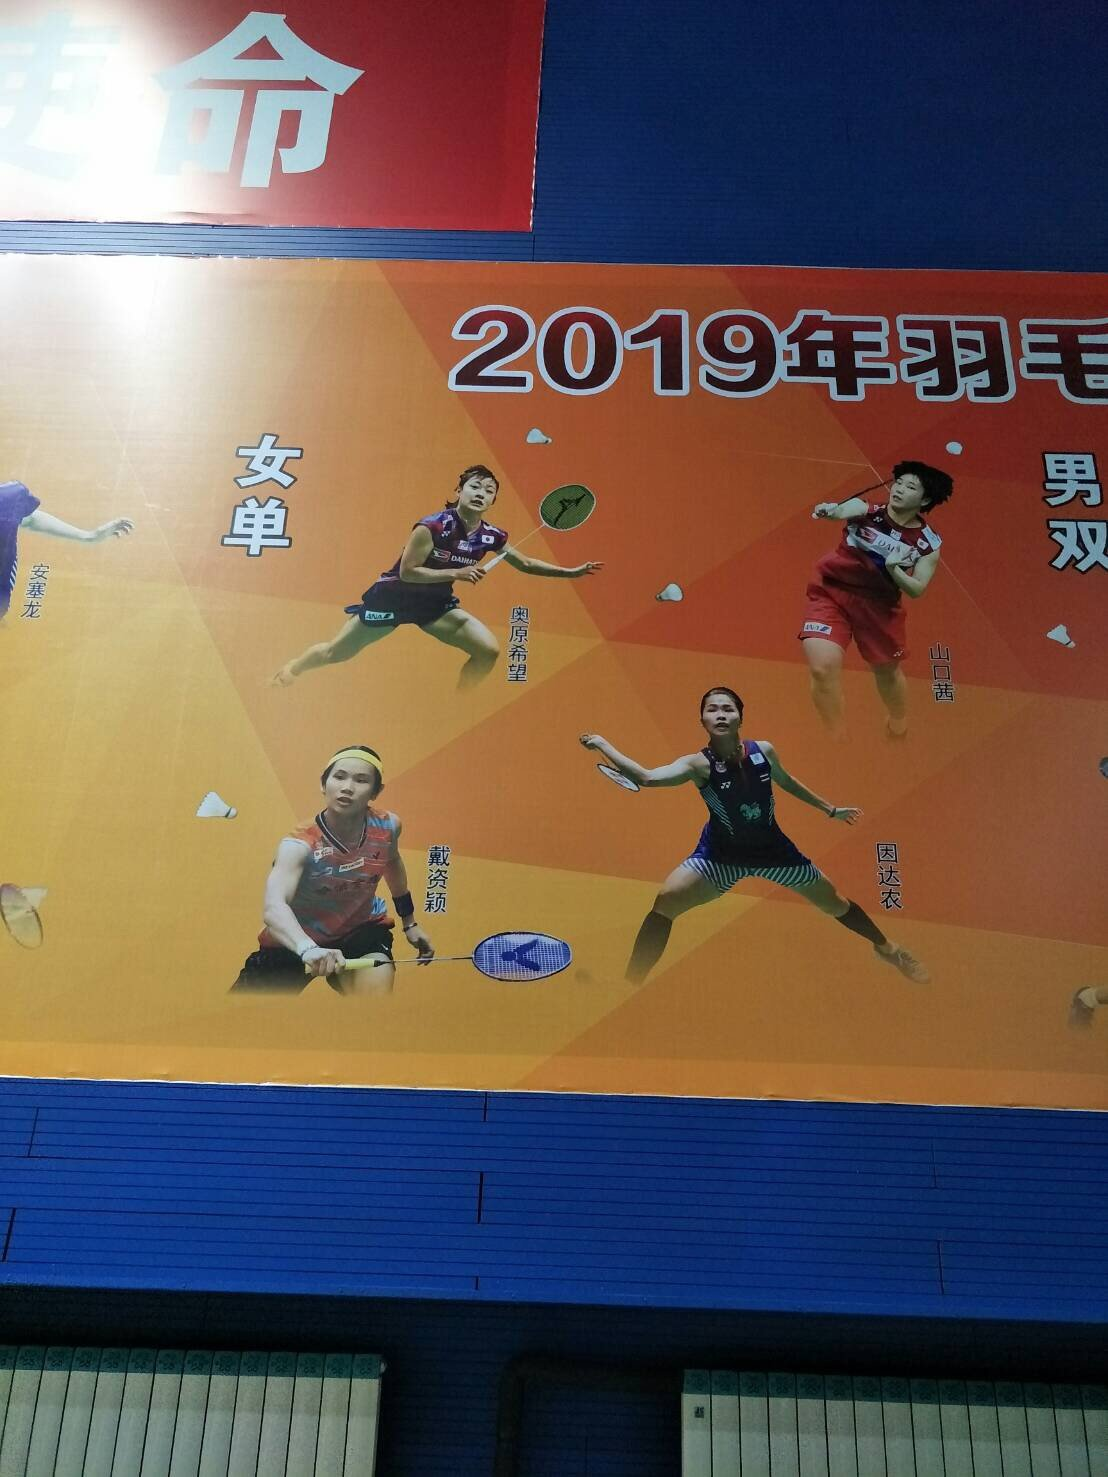 大陸北京體育館羽球場貼上世錦賽主要對手,戴資穎就是女單假想敵之一。圖/讀者提供